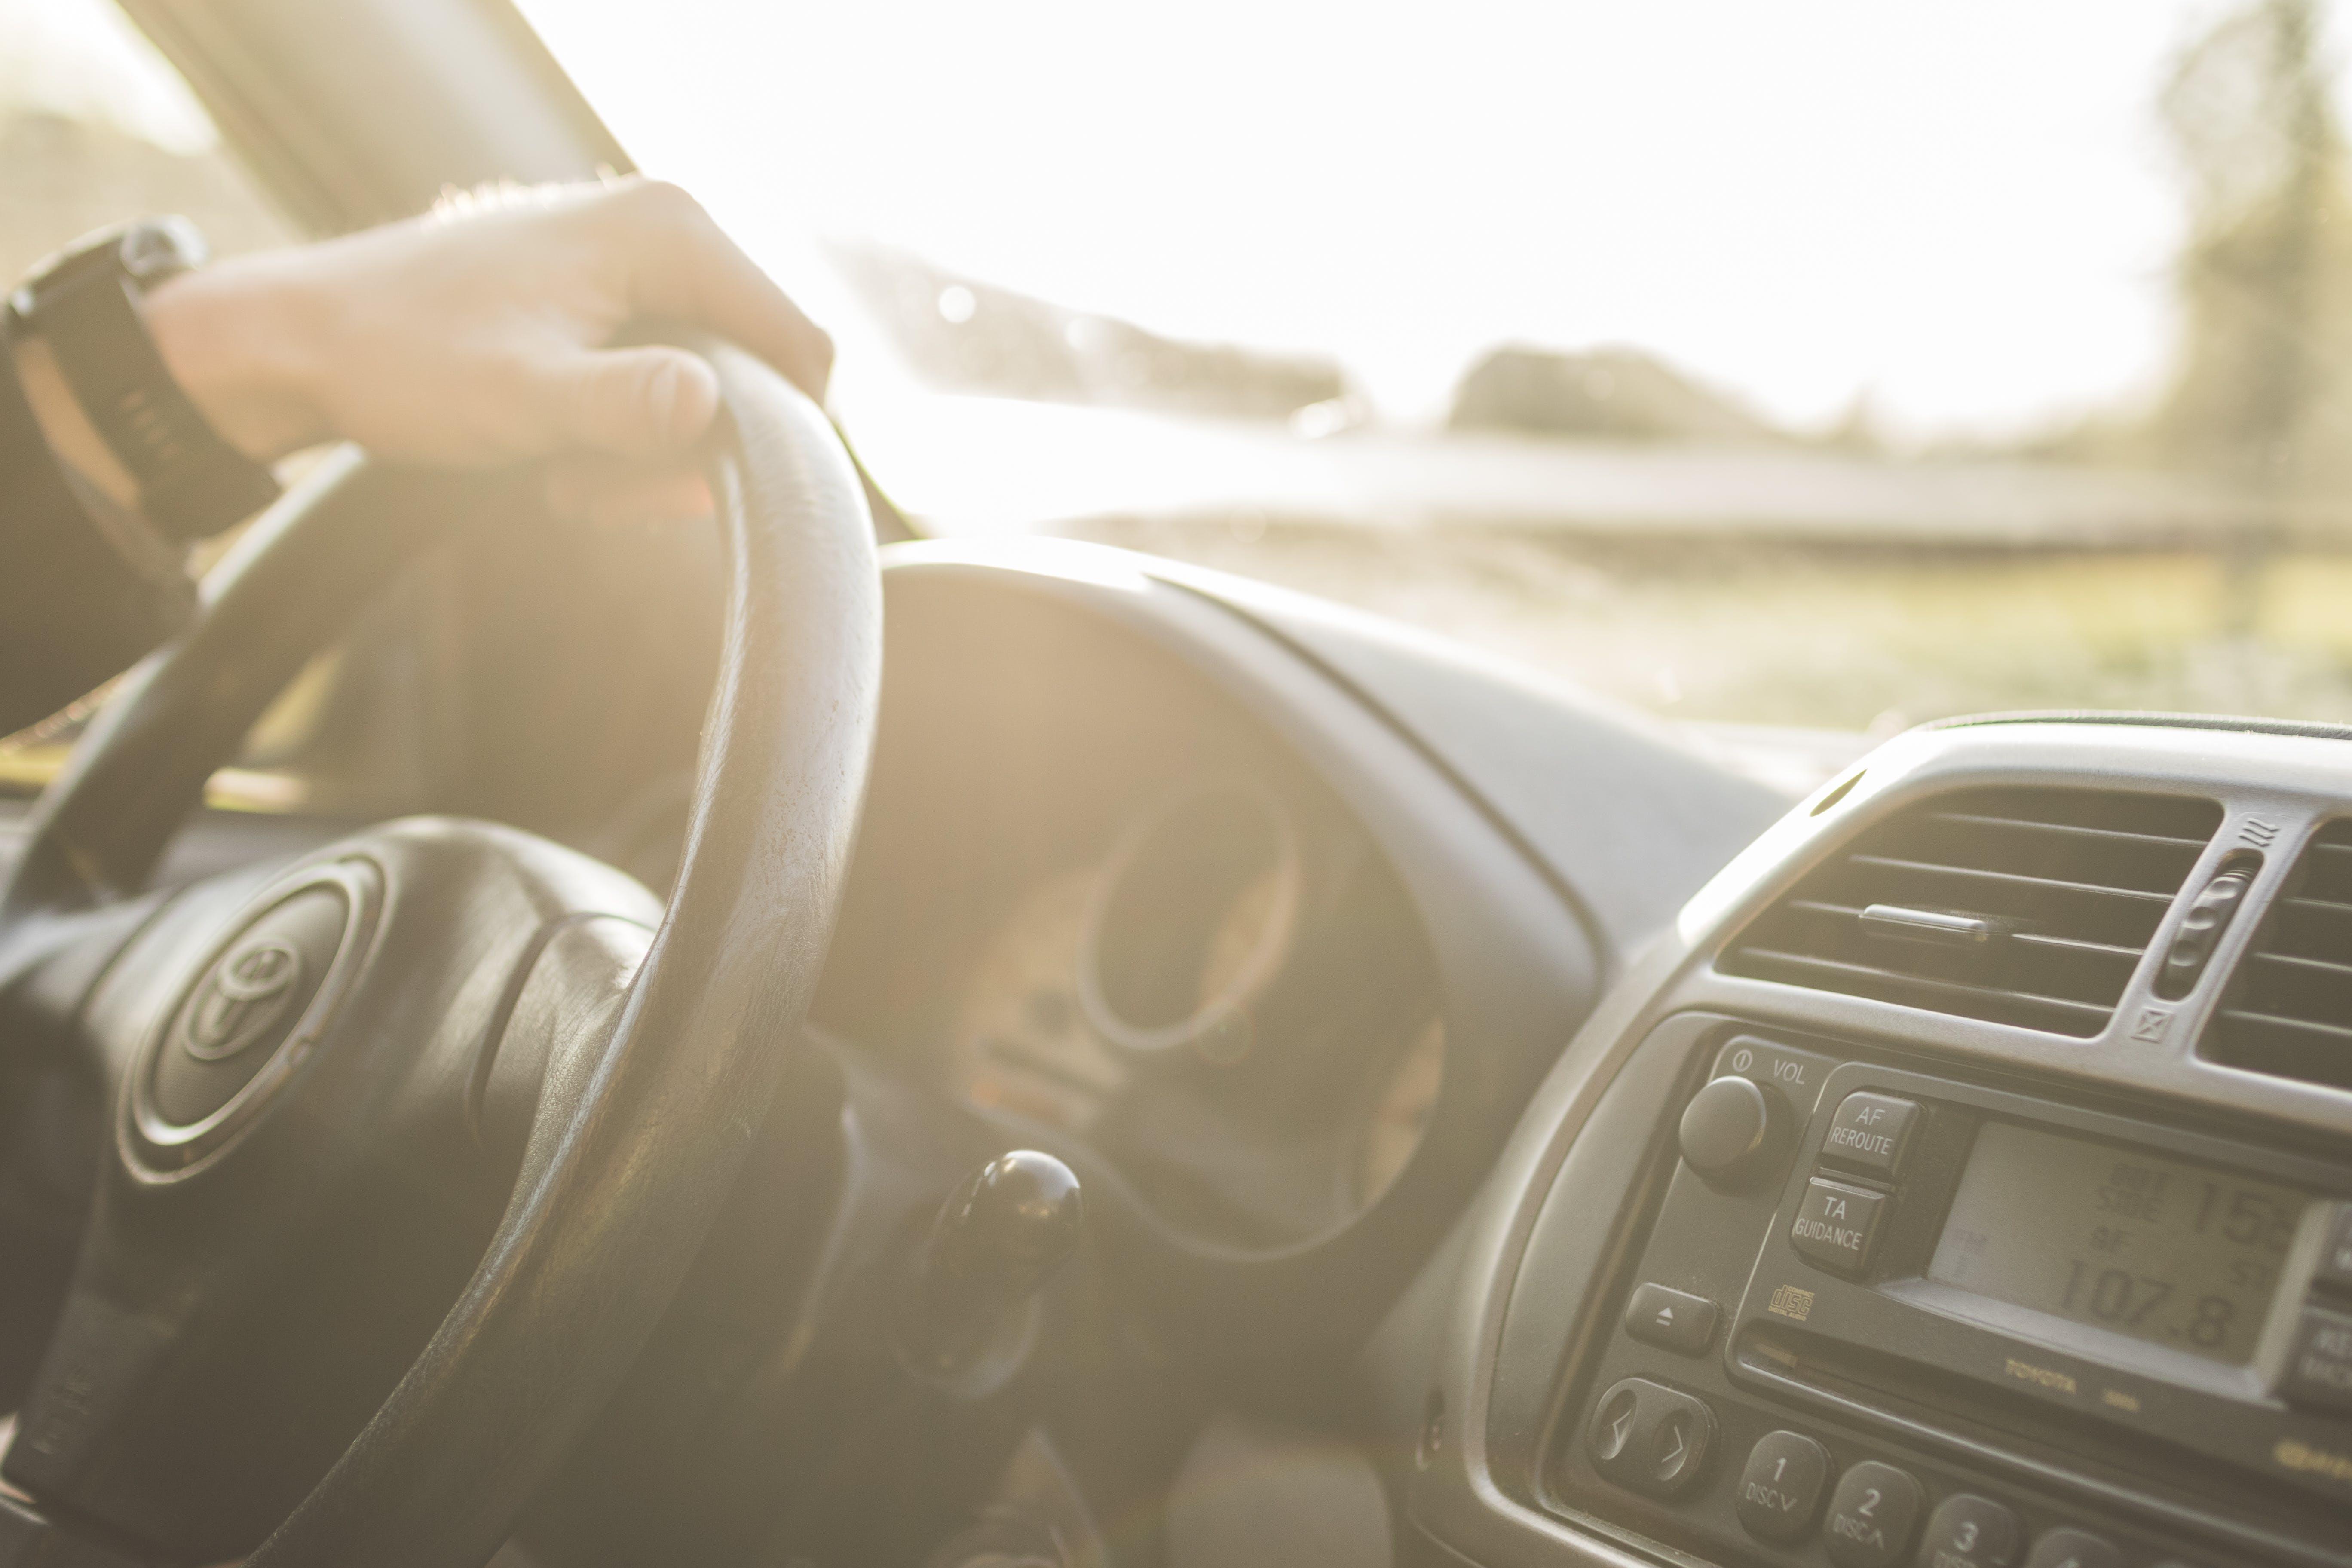 Foto stok gratis dasbor, kemudi mobil, kendaraan, mengemudi